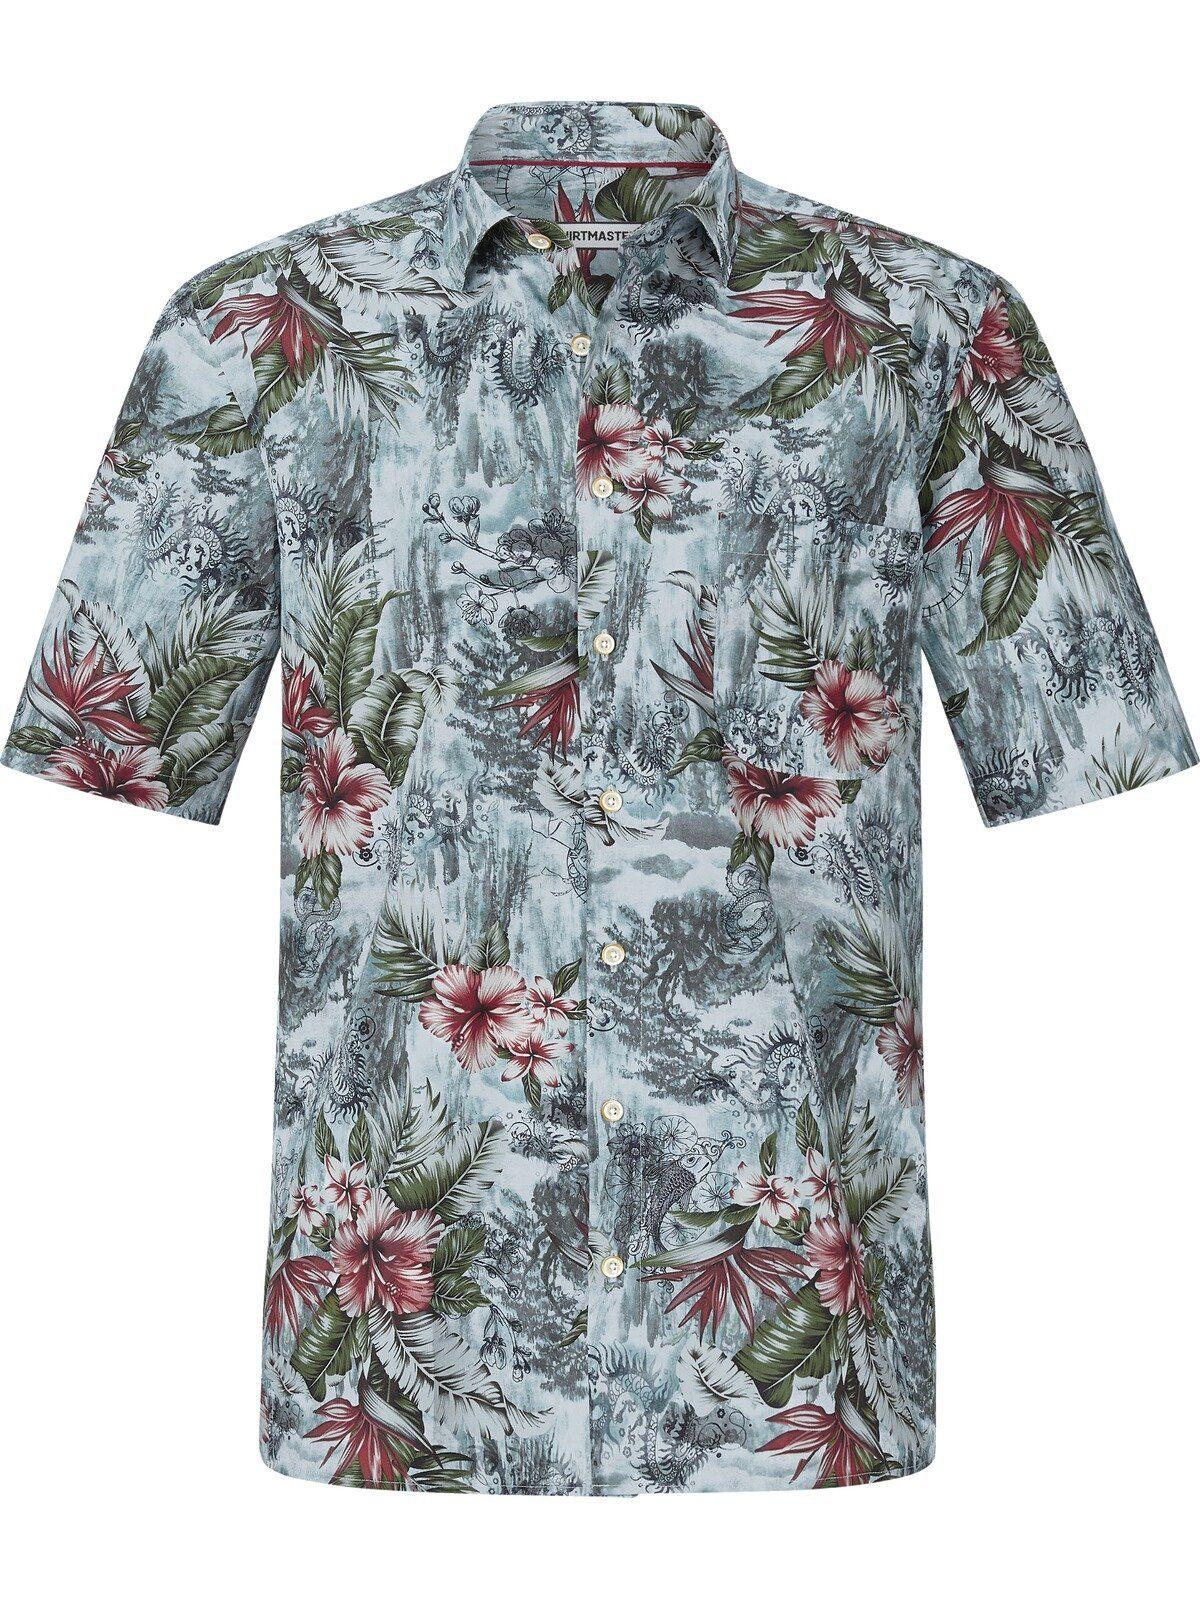 Shirtmaster Overhemd Met Korte Mouwen Âallmydragonsâ Snel Gevonden - Geweldige Prijs